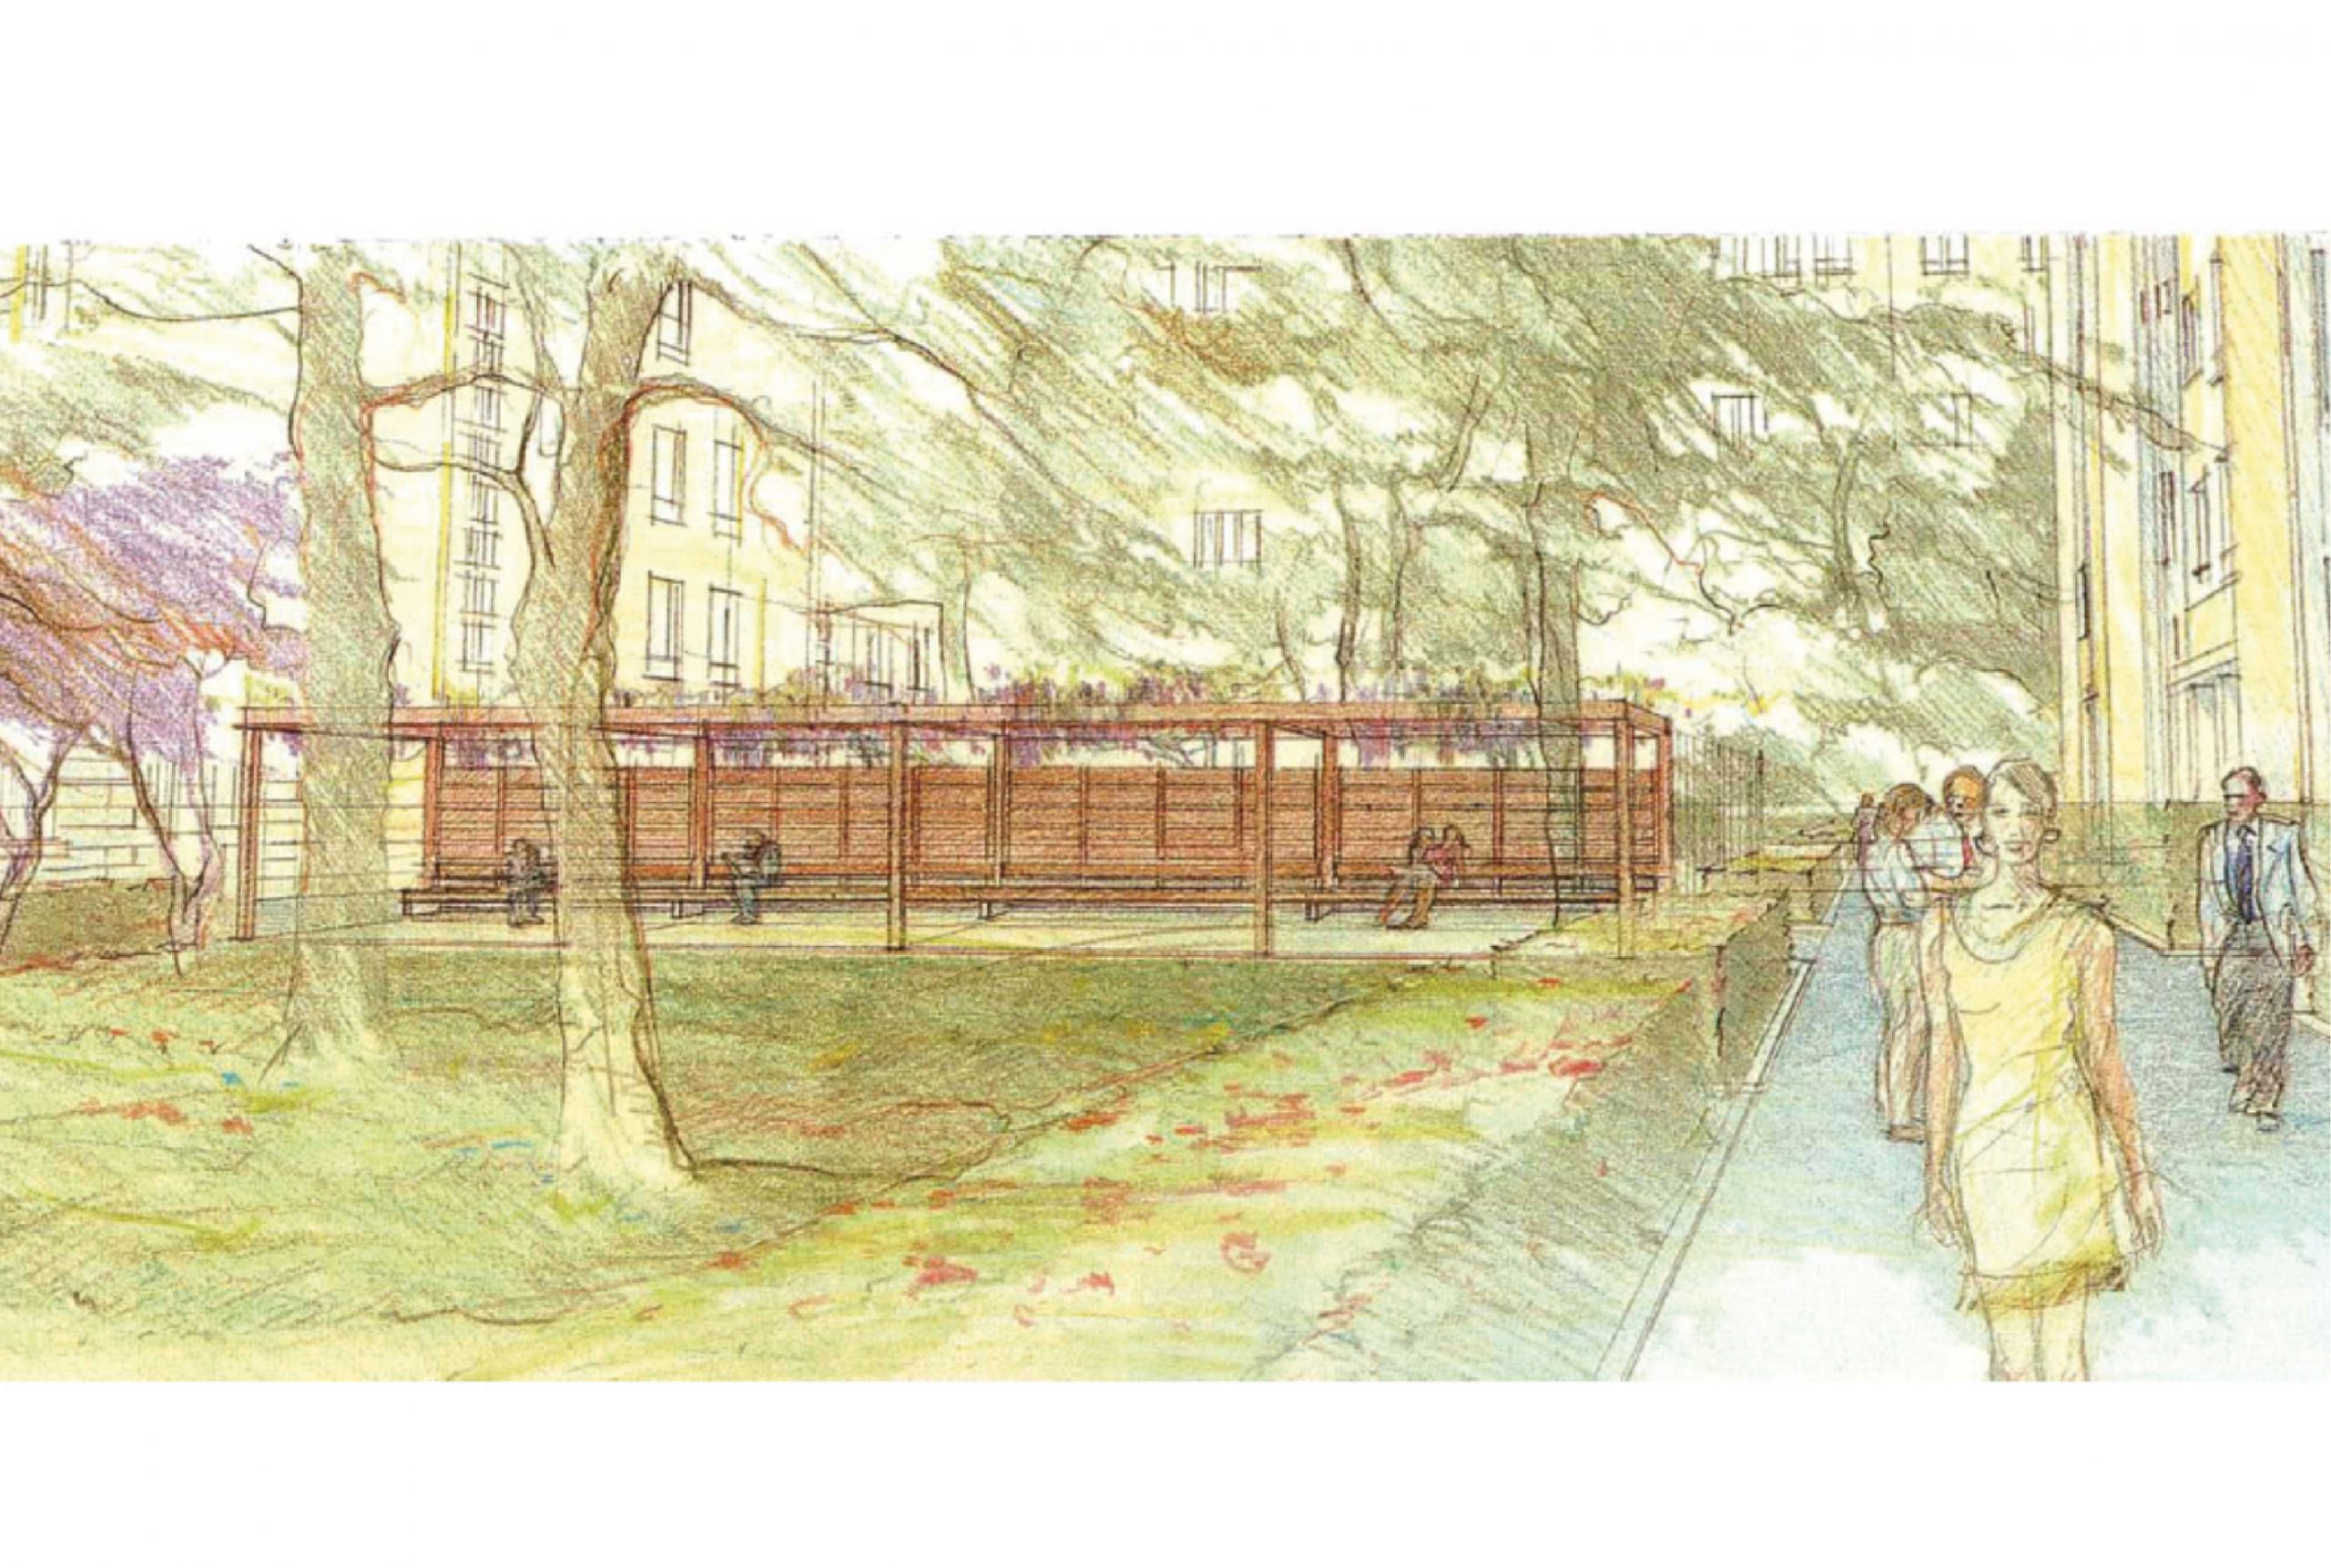 Projet urbanisme Flandre Riquet 1 par Atelier JS Tabet